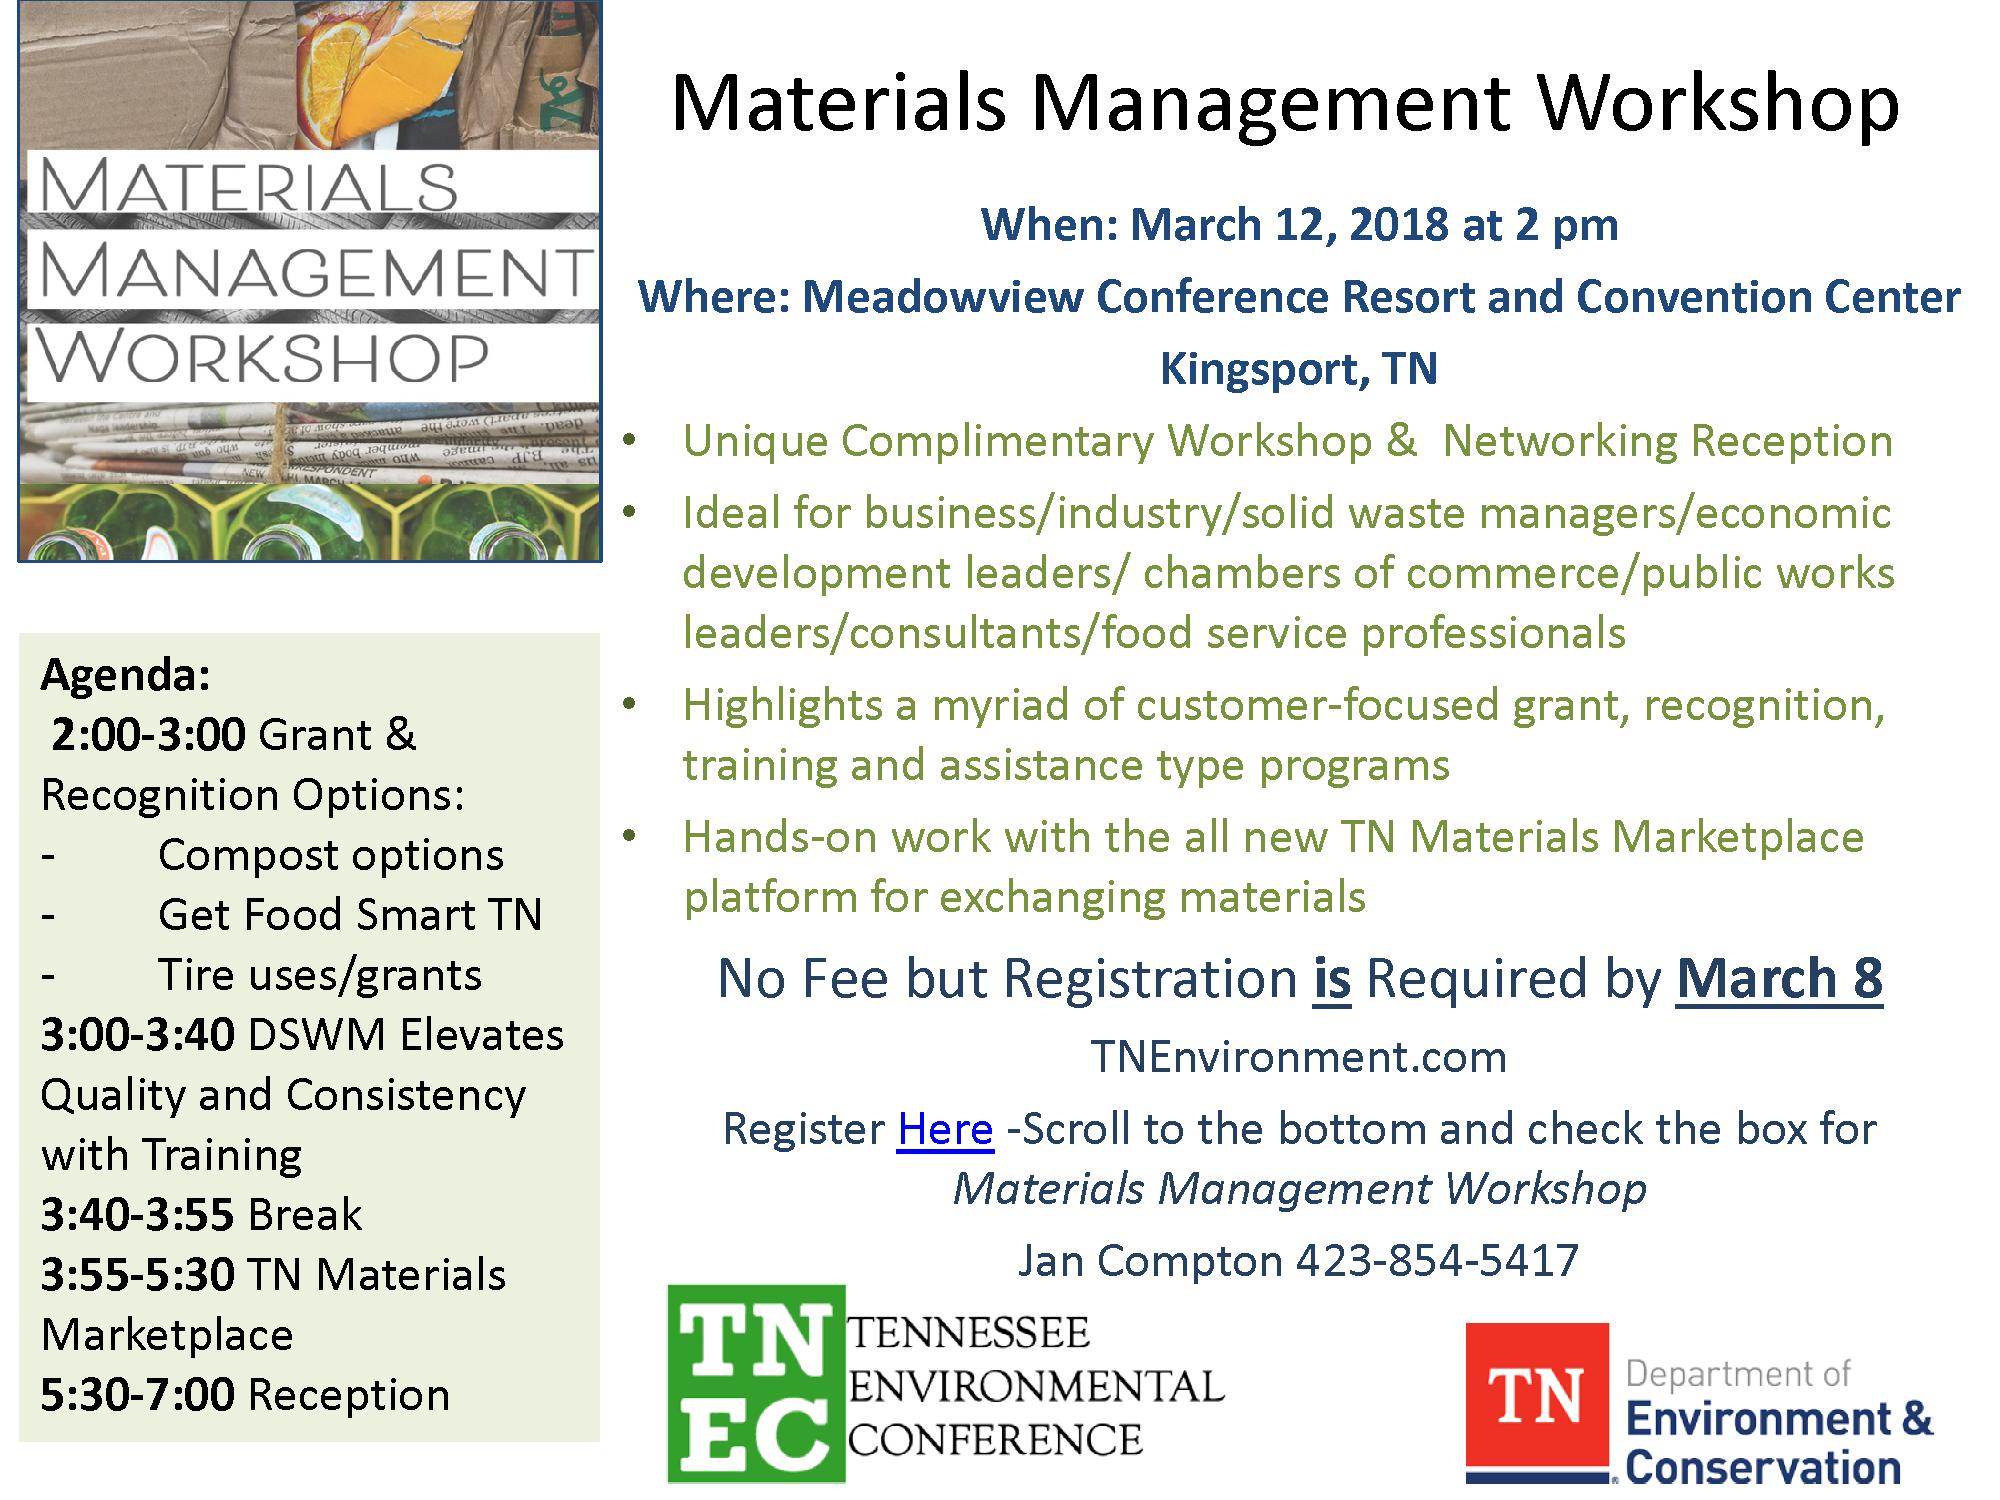 Materials Management Workshop flyer 2018_.png